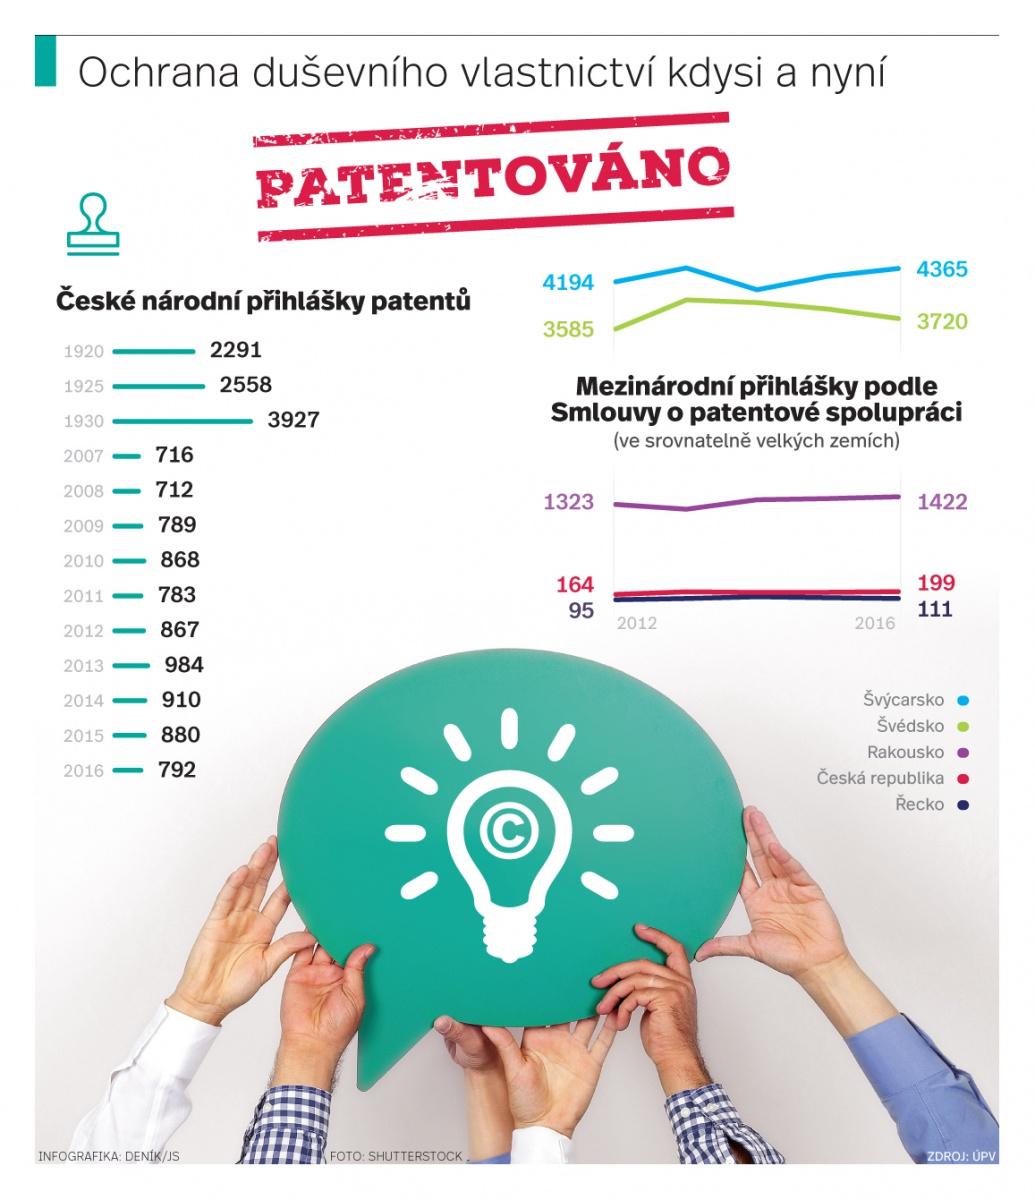 Firmy podceňují patenty. Mají jich méně než před lety - Deník.cz 6ab0ac63b70